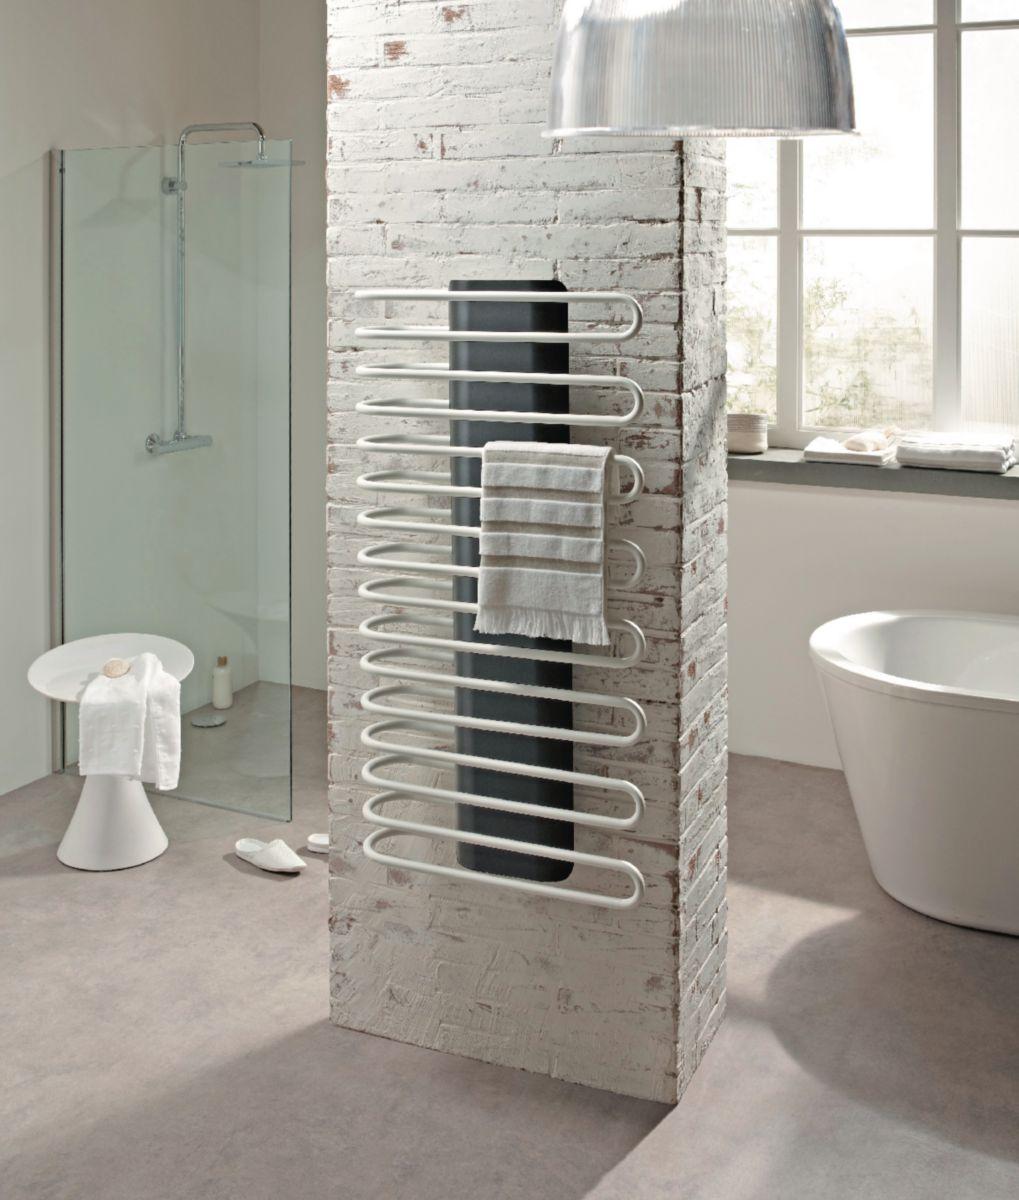 Radiateur sèche-serviettes SANAGA eau chaude acier colonne centrale noire tubes blancs 777 W SA50860CWTBT Réf F98A011106000B4YI